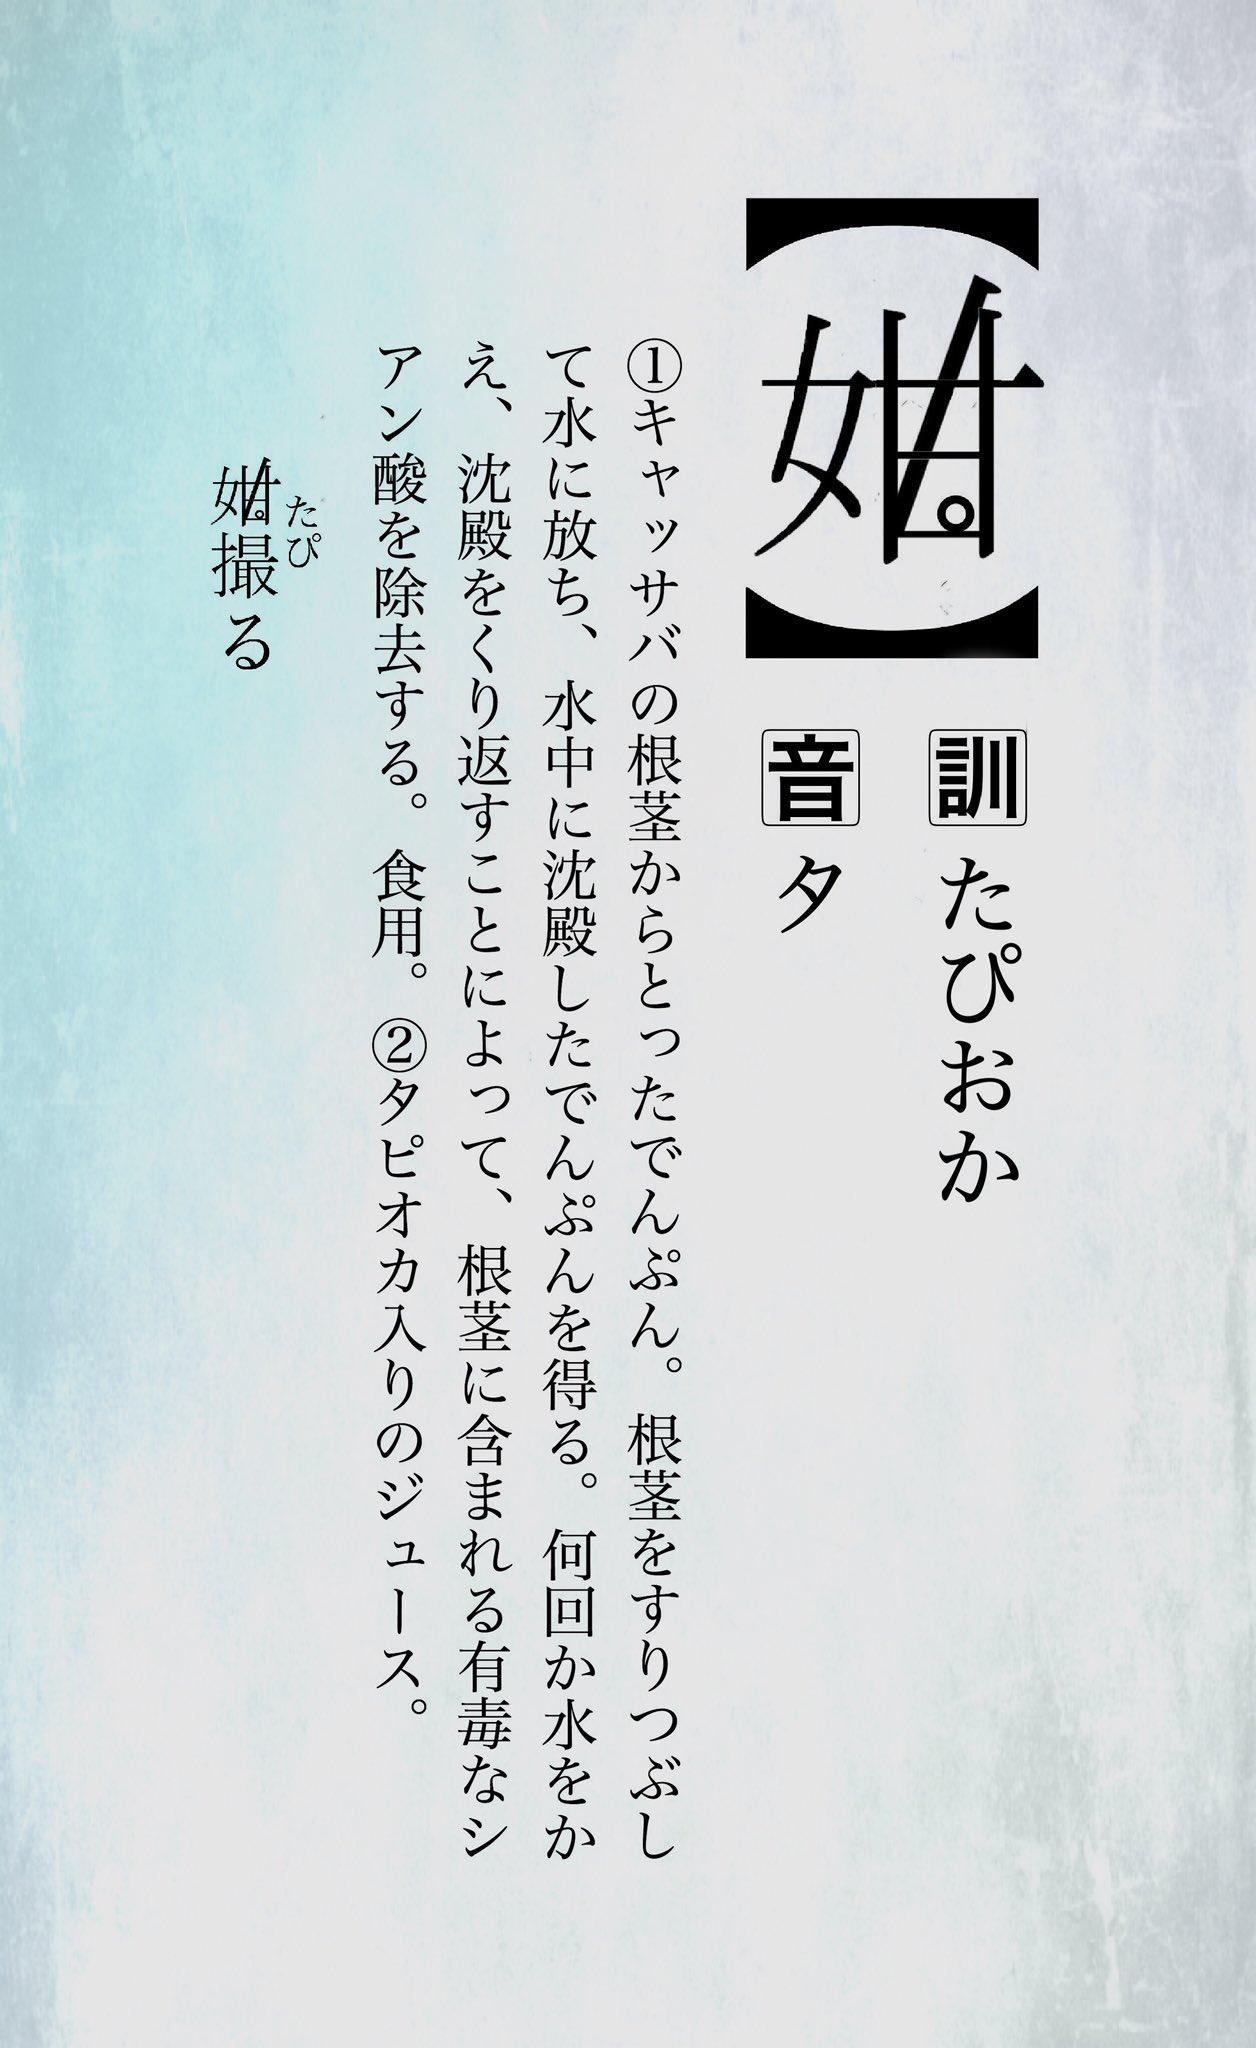 「タピオカ」の漢字を創作しましたwww使ってみたいwww